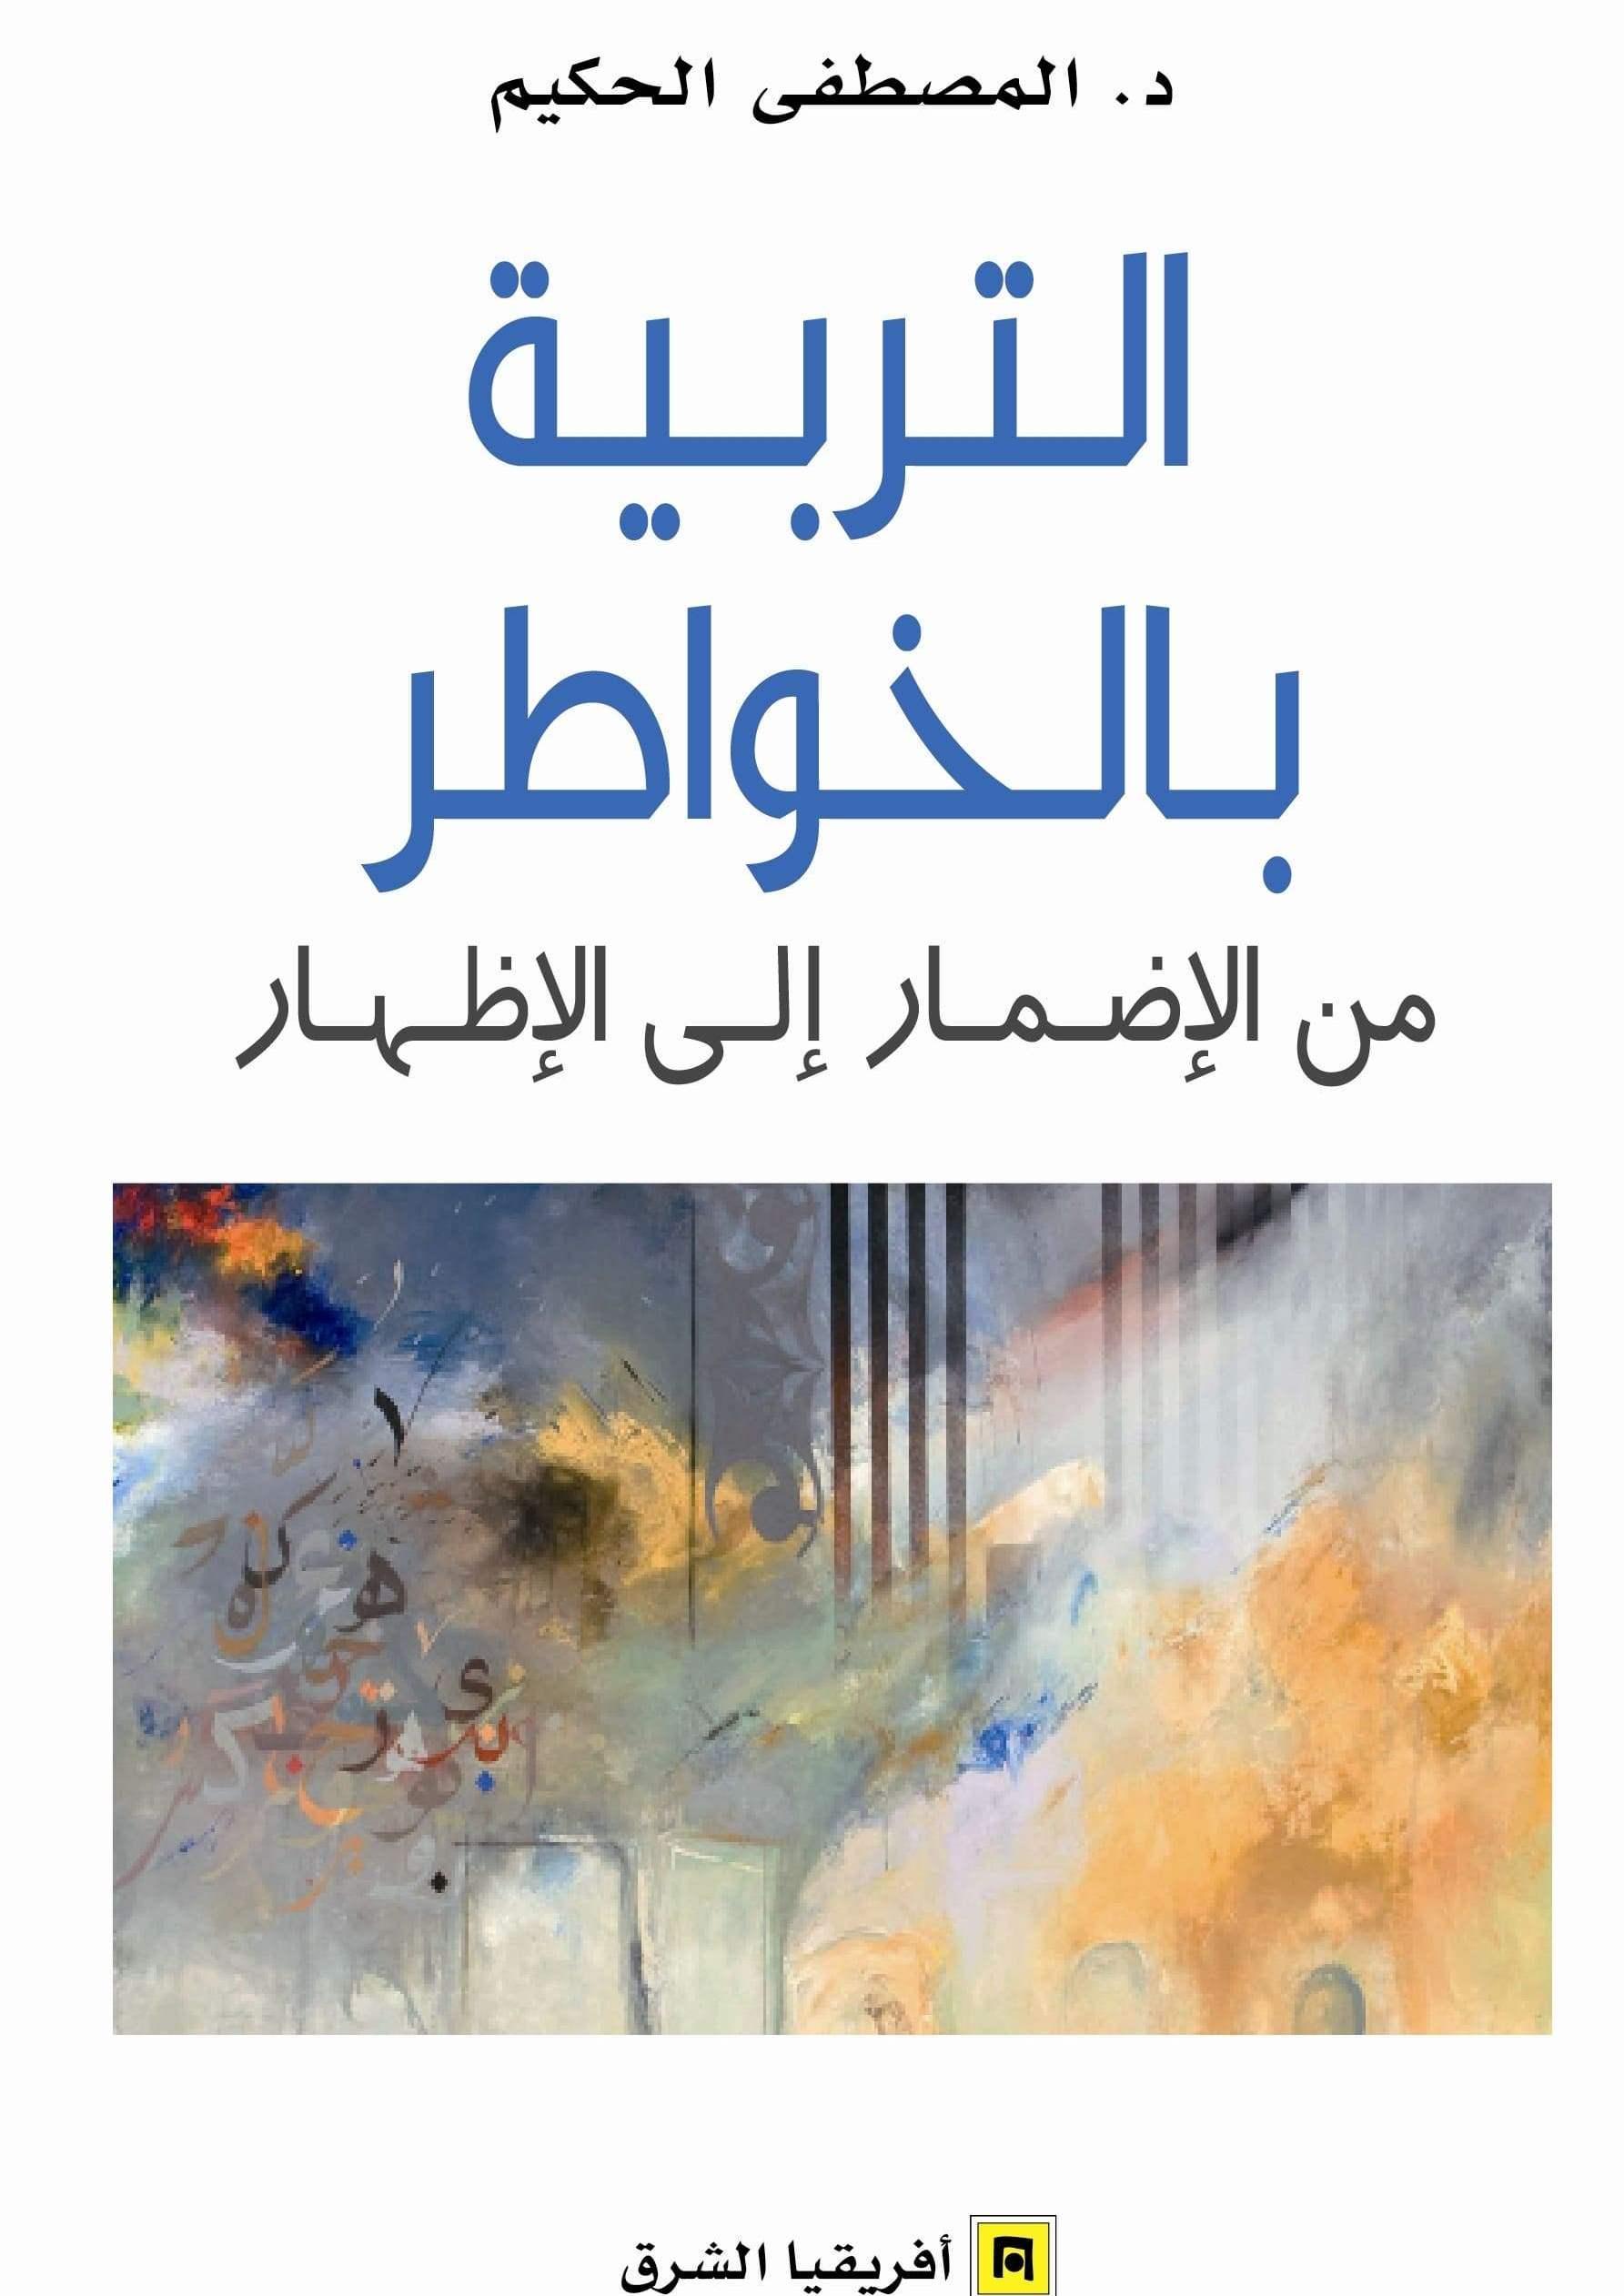 كتاب: التربية بالخواطر من الإضمار إلى الإظهار للدكتور مصطفى الحكيم